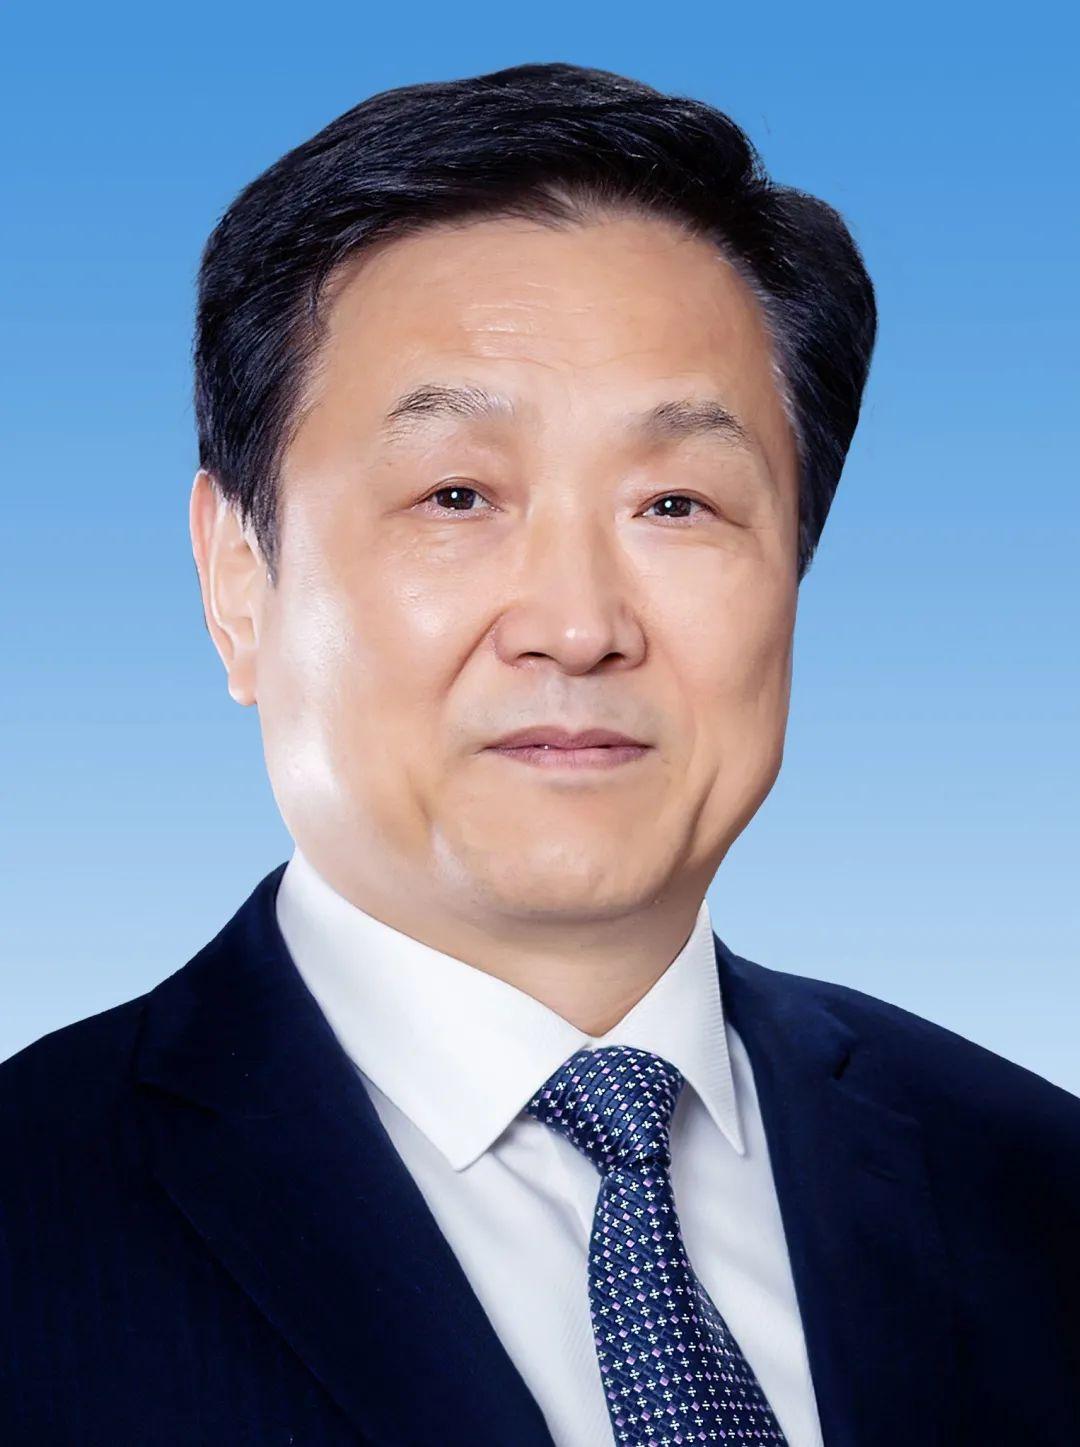 赵力平、曾文明、张小平当选省人大常委会副主任